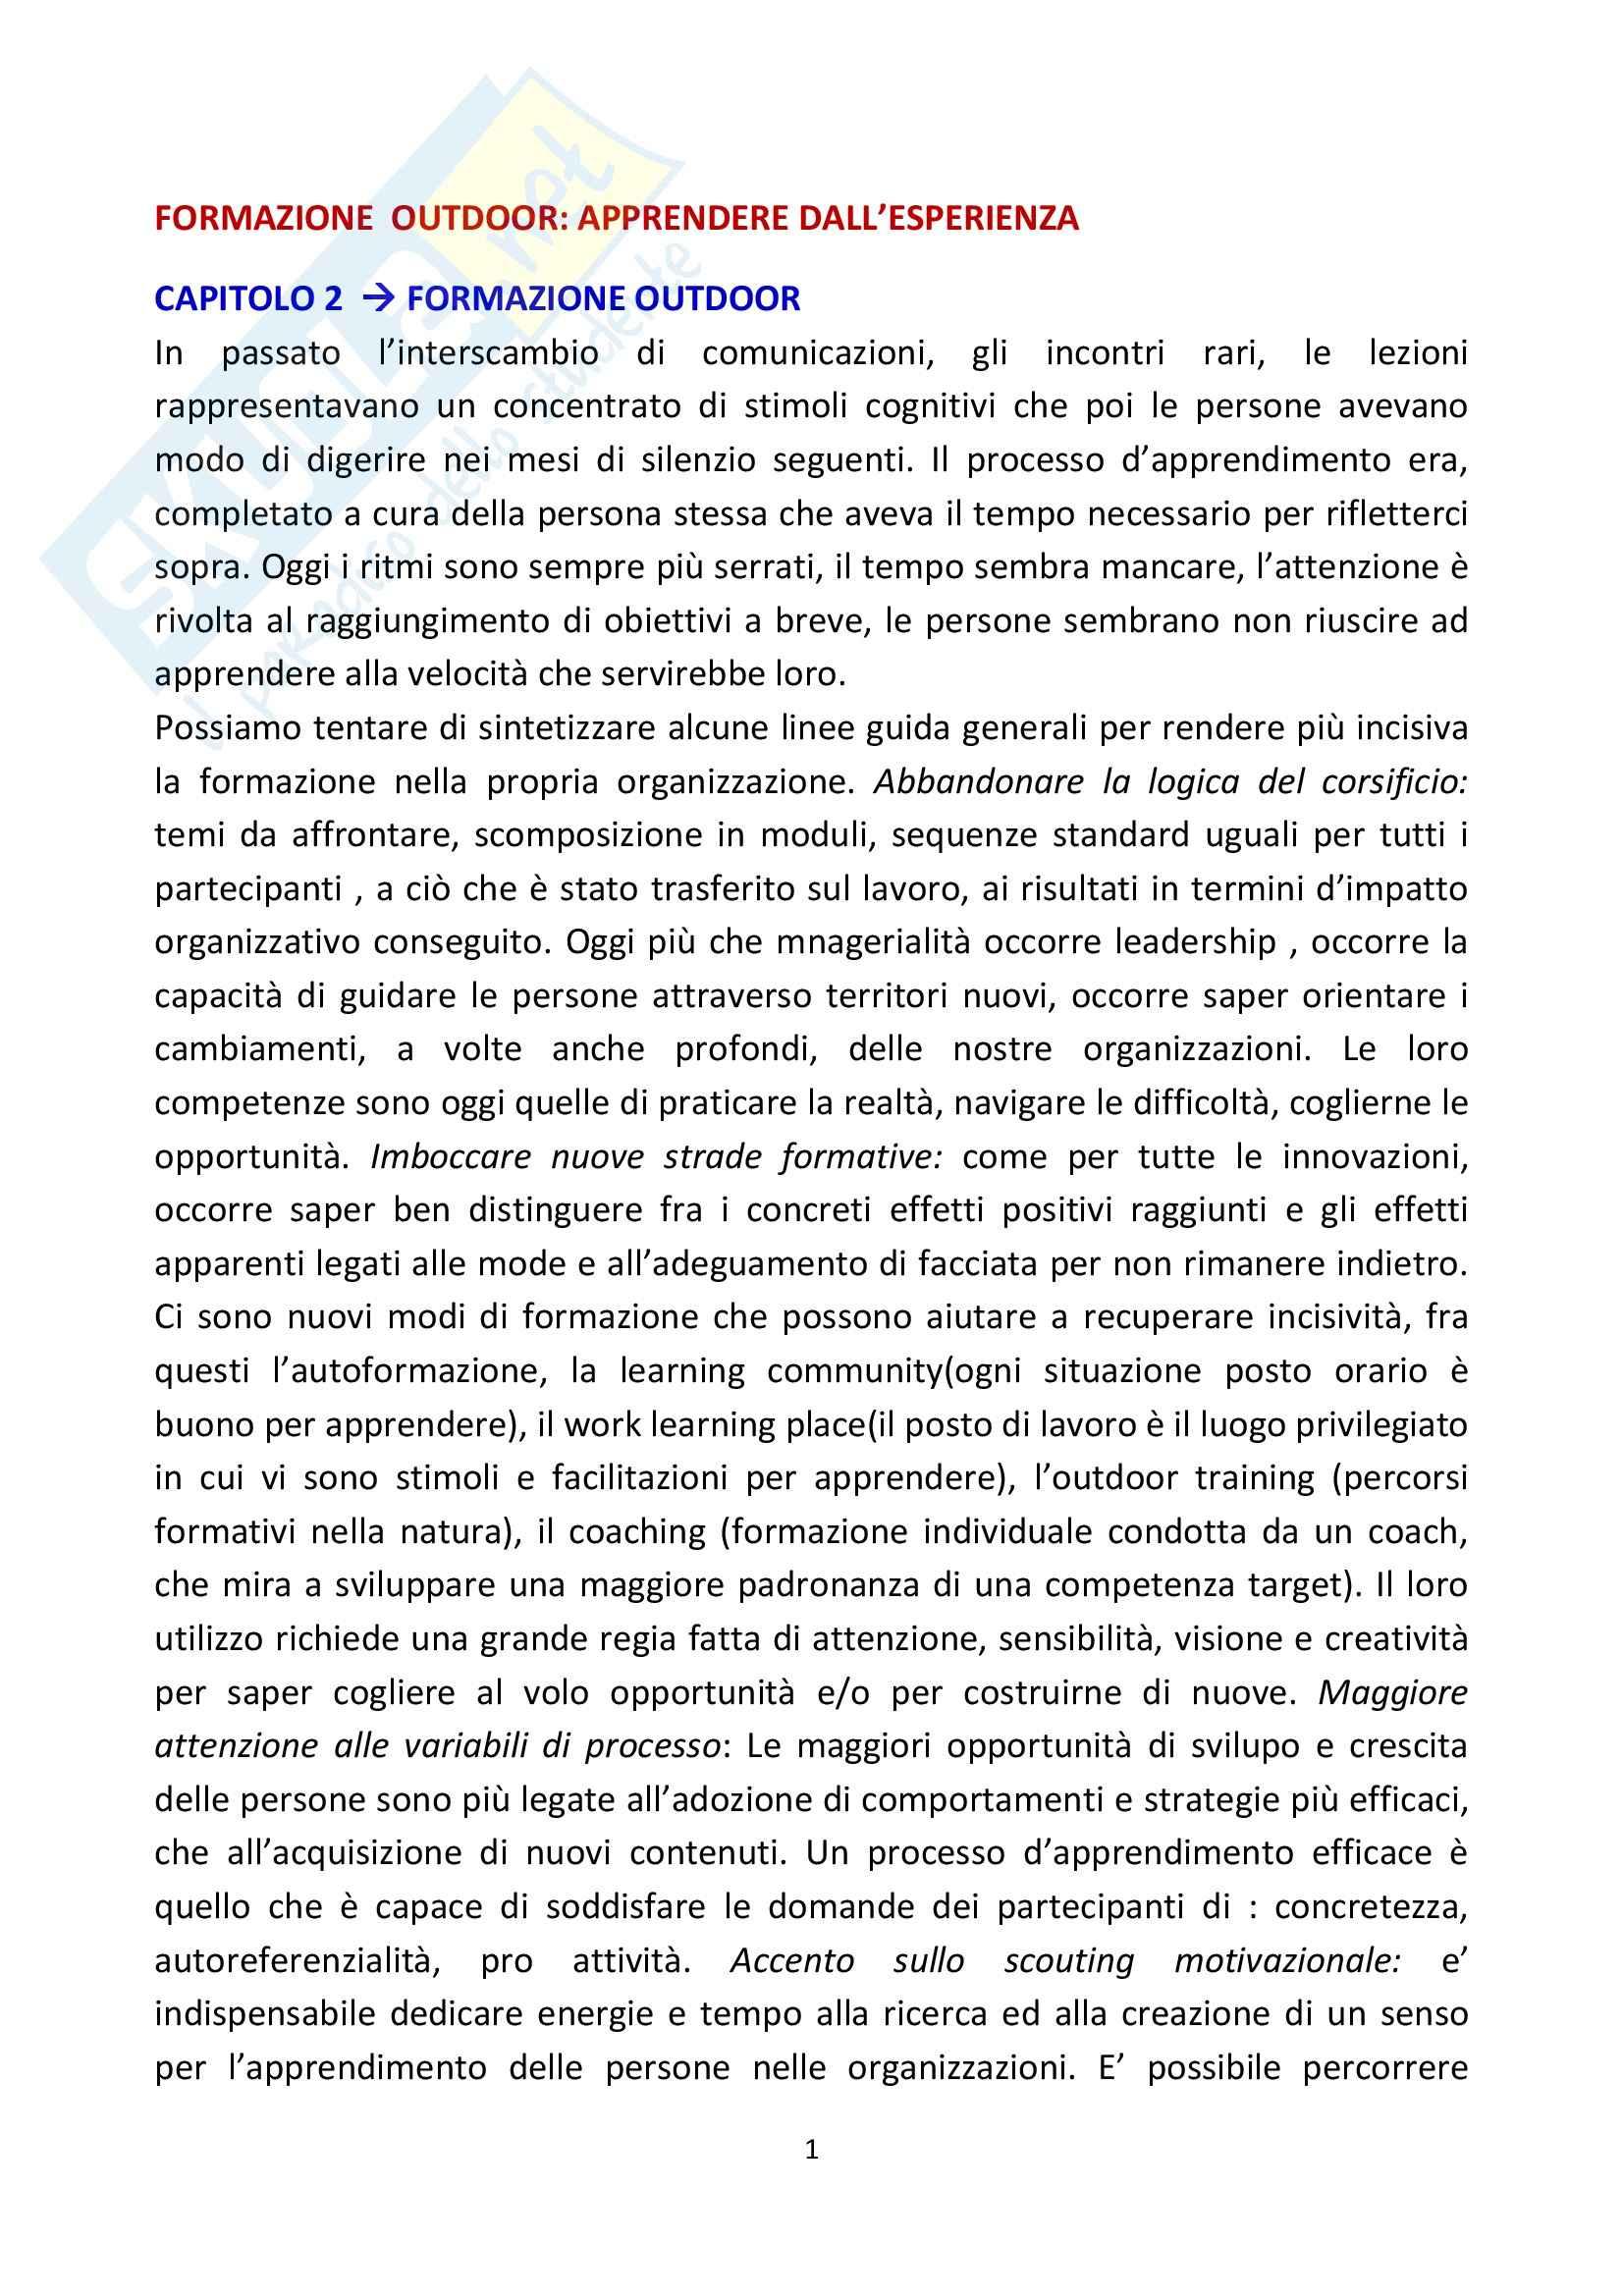 Riassunto esame Conflitti nei Gruppi Sociali, prof. Melotti, libro consigliato Formazione Outdoor, Rotondi